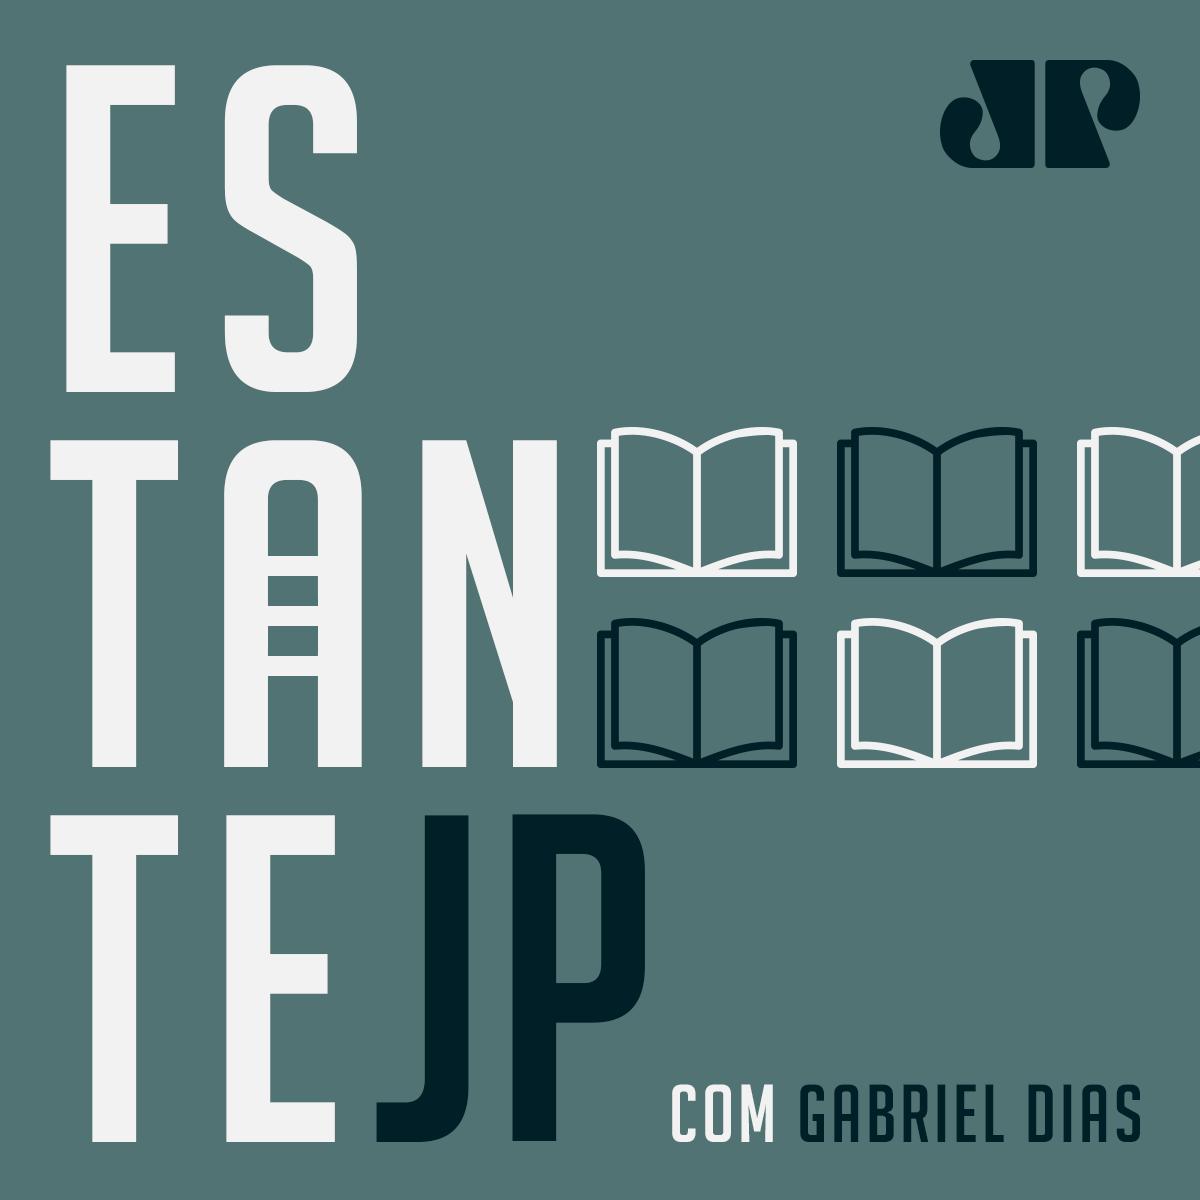 Estante JP